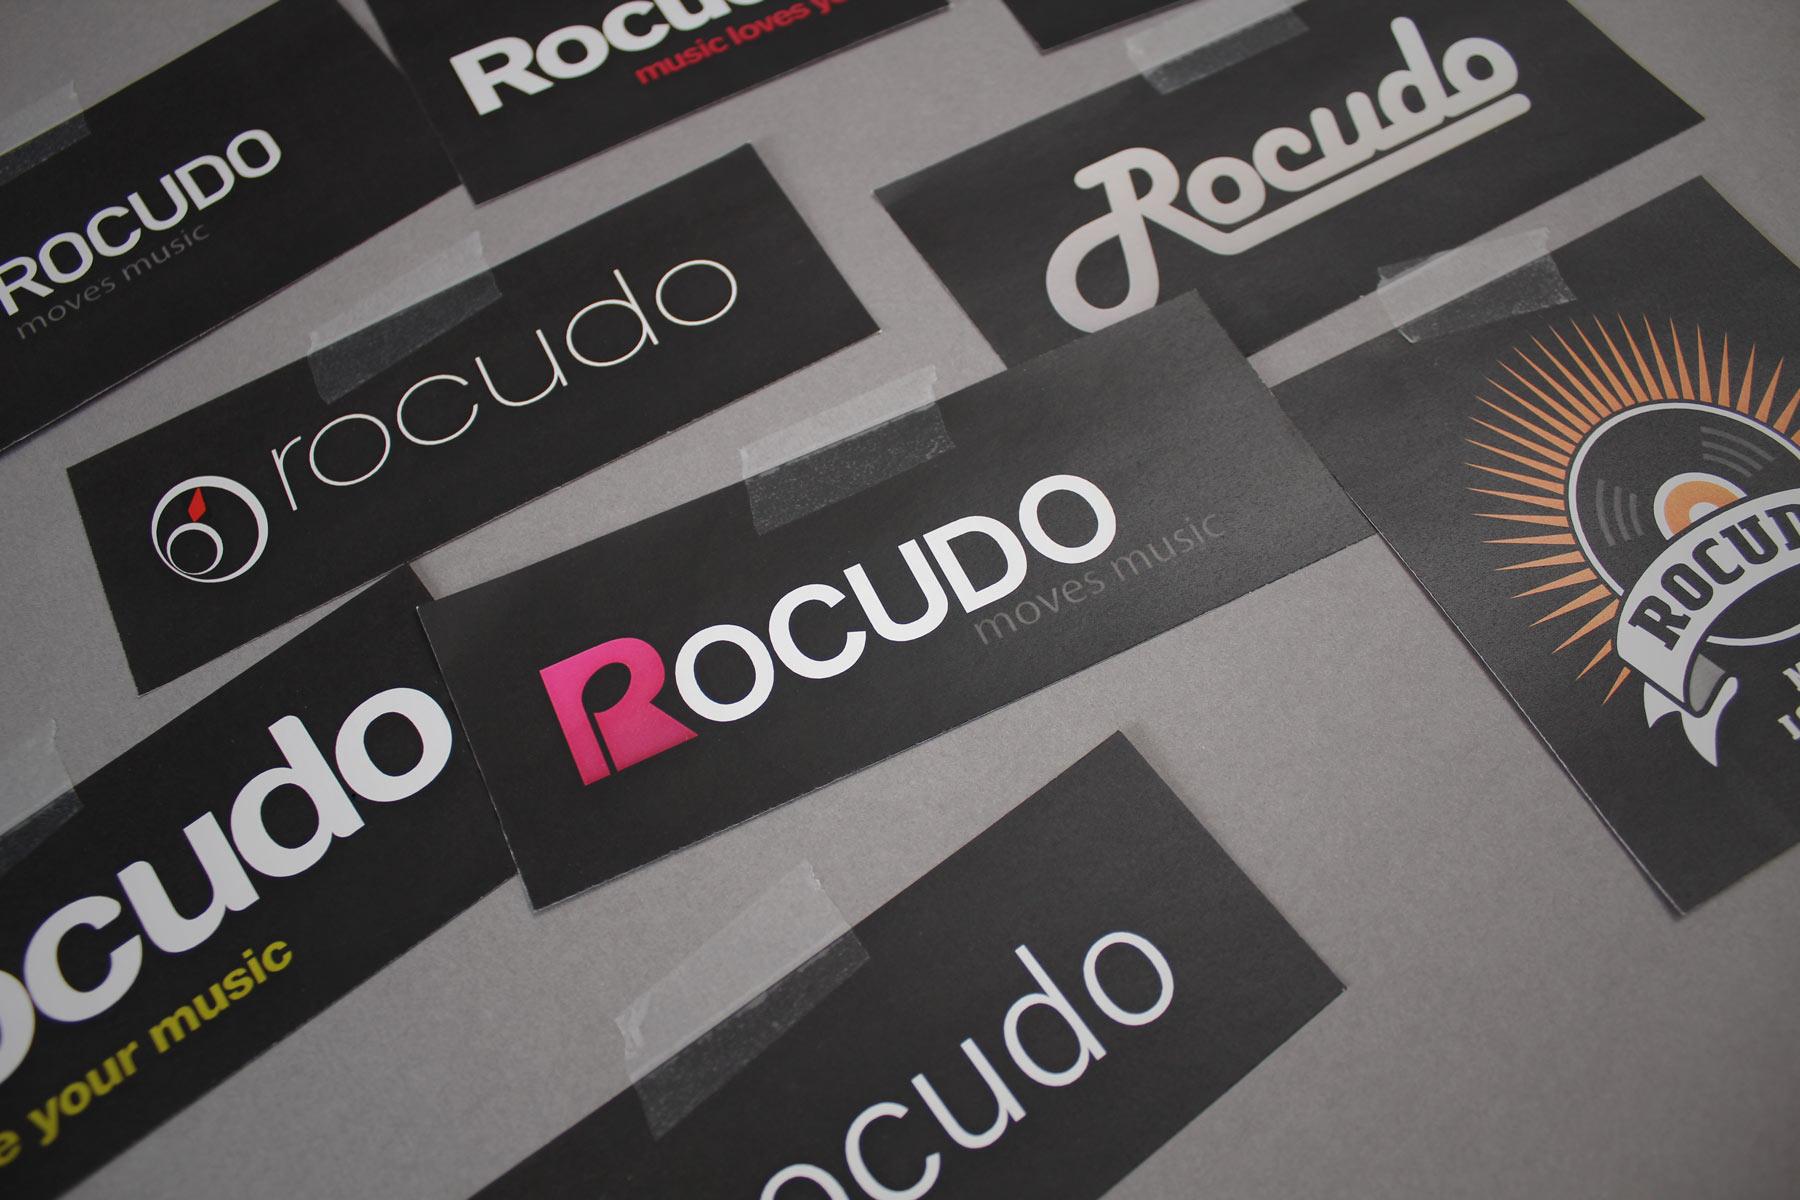 rocudo_004